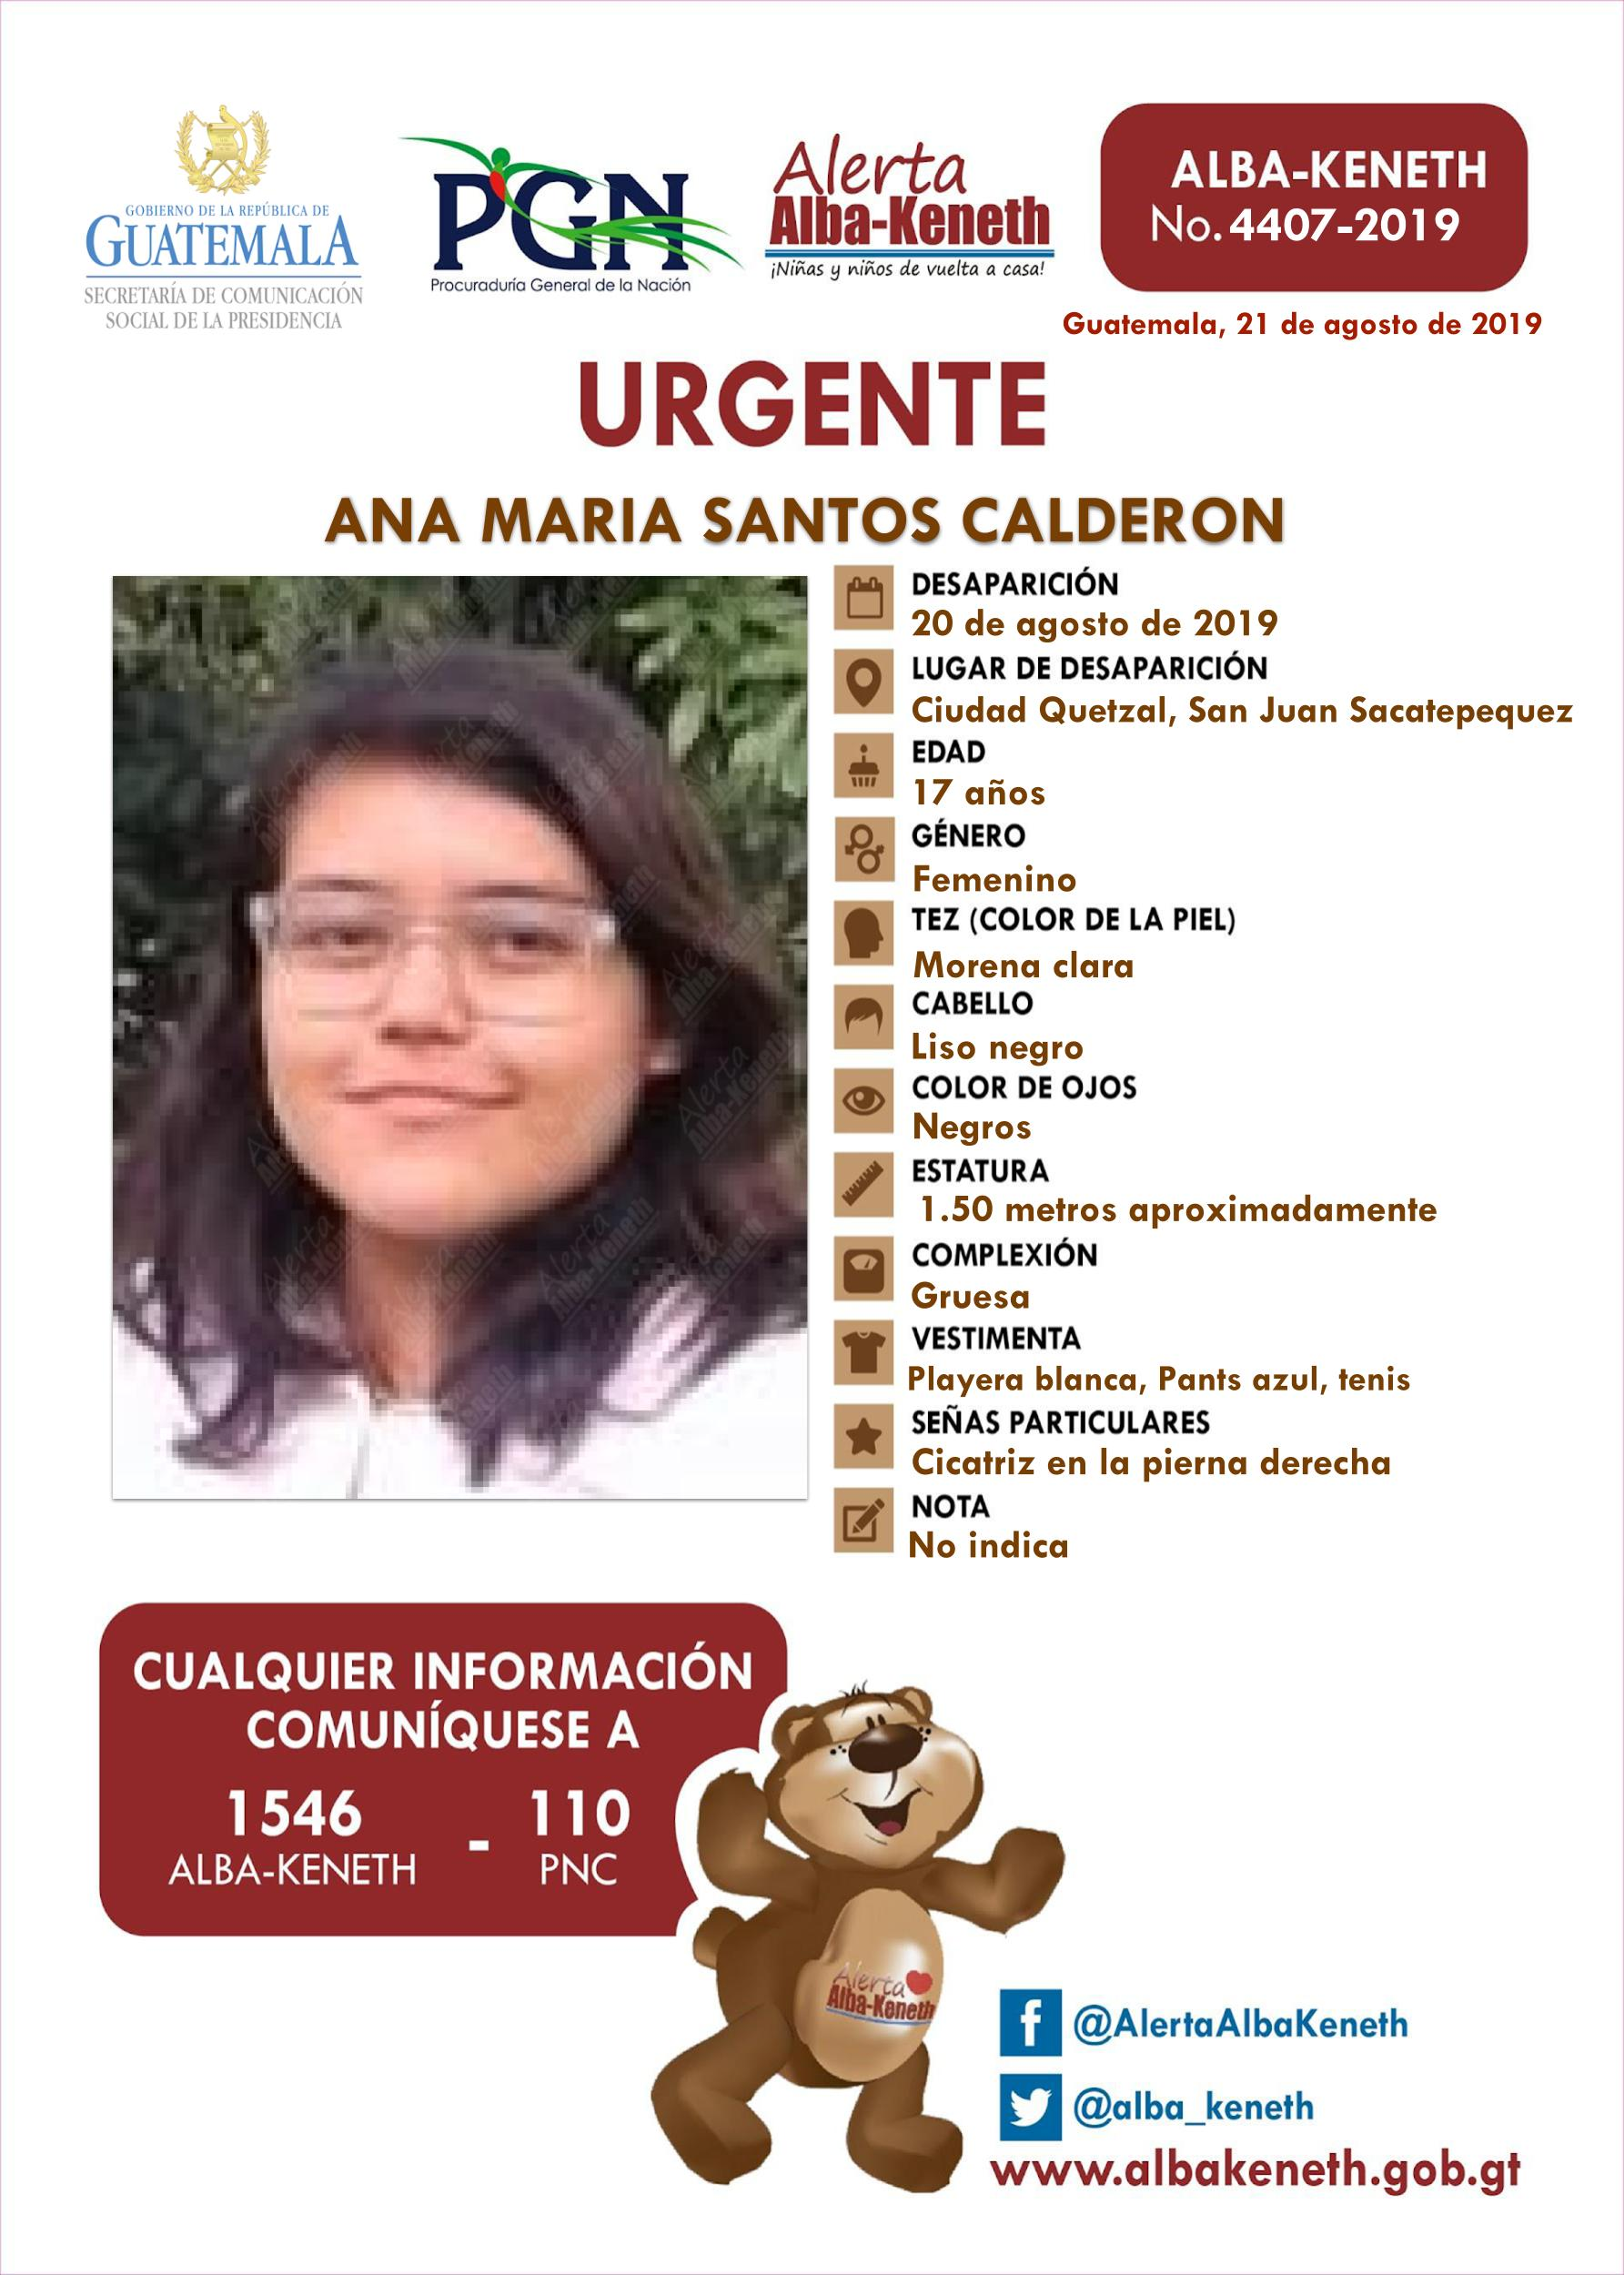 Ana Maria Santos Calderon